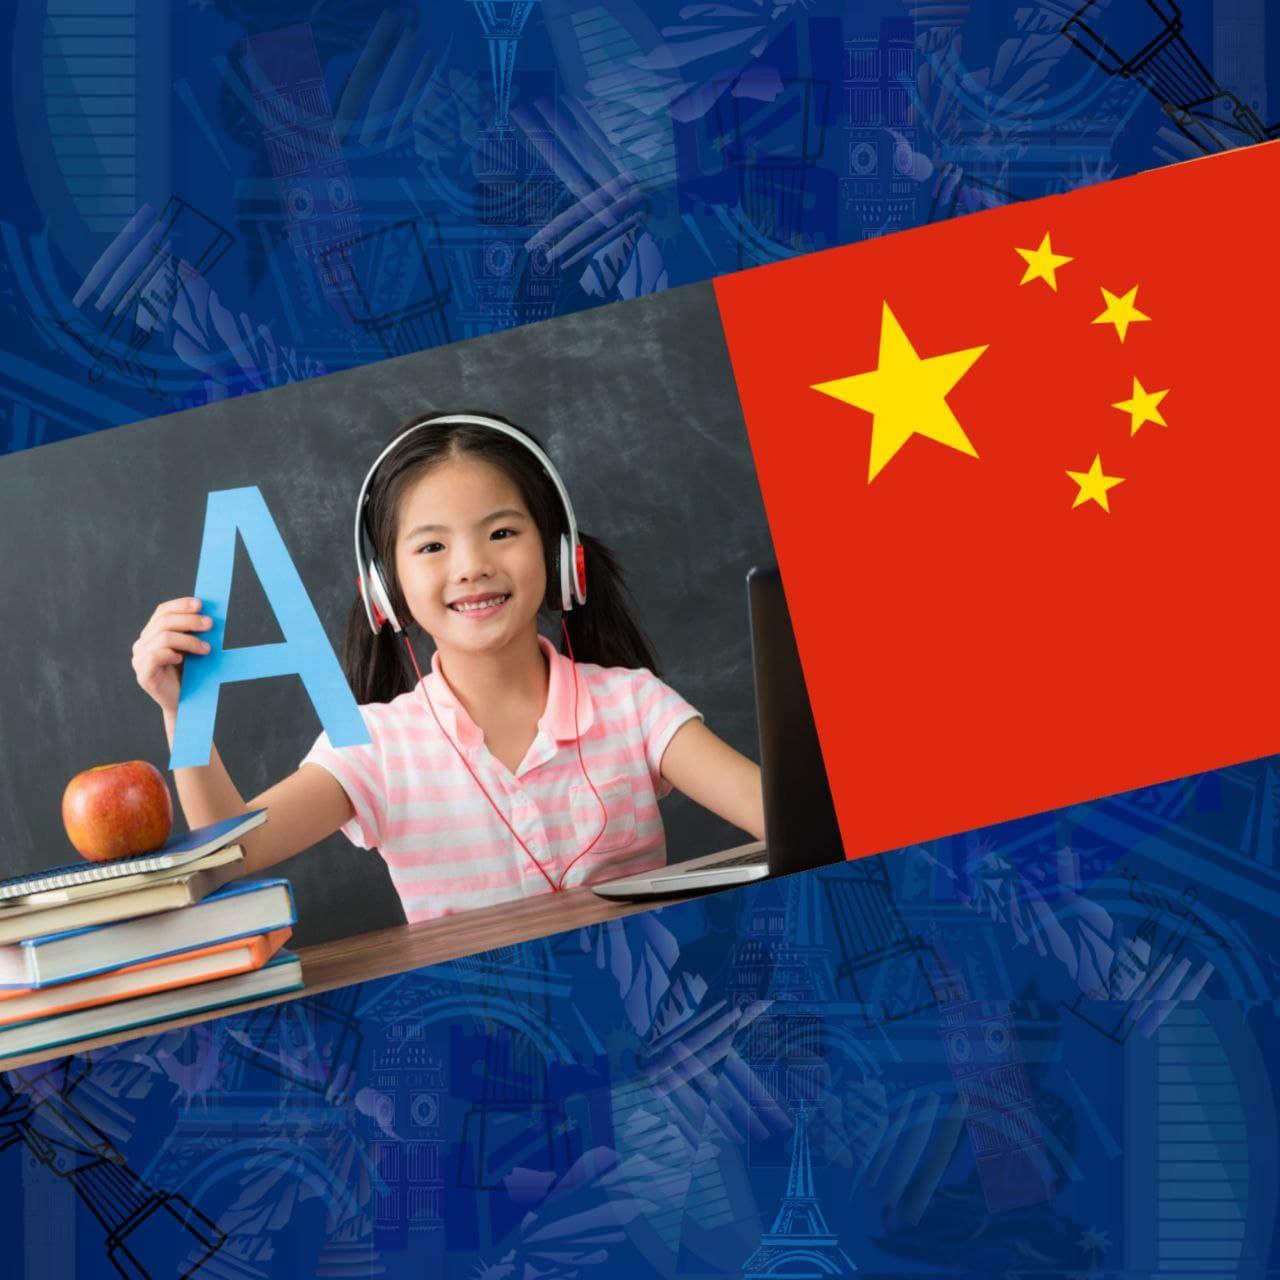 مدرسان زبان در چین